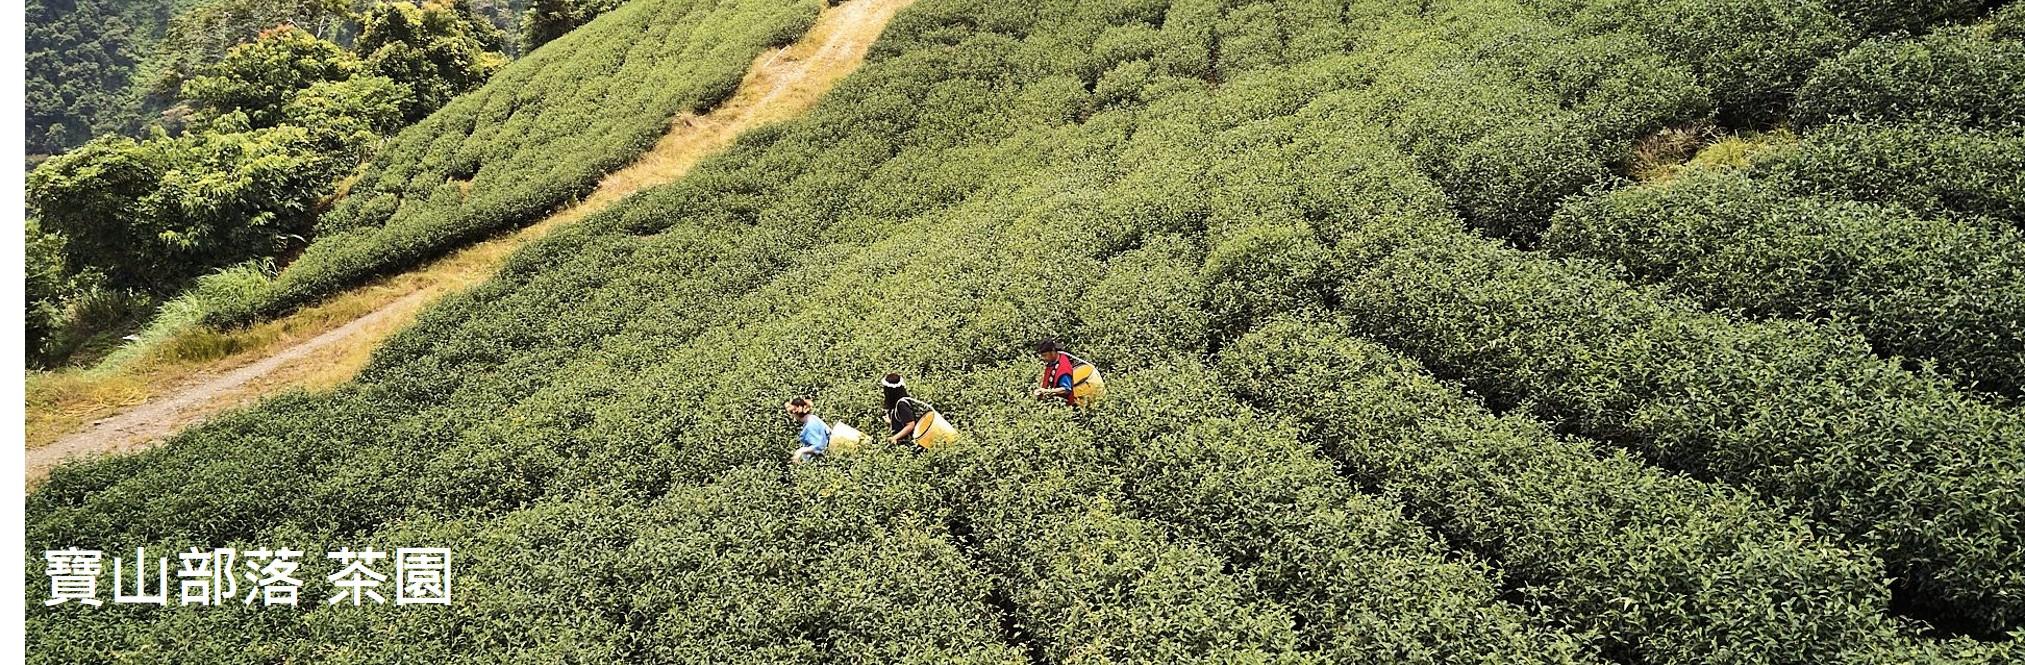 寶山部落 茶園